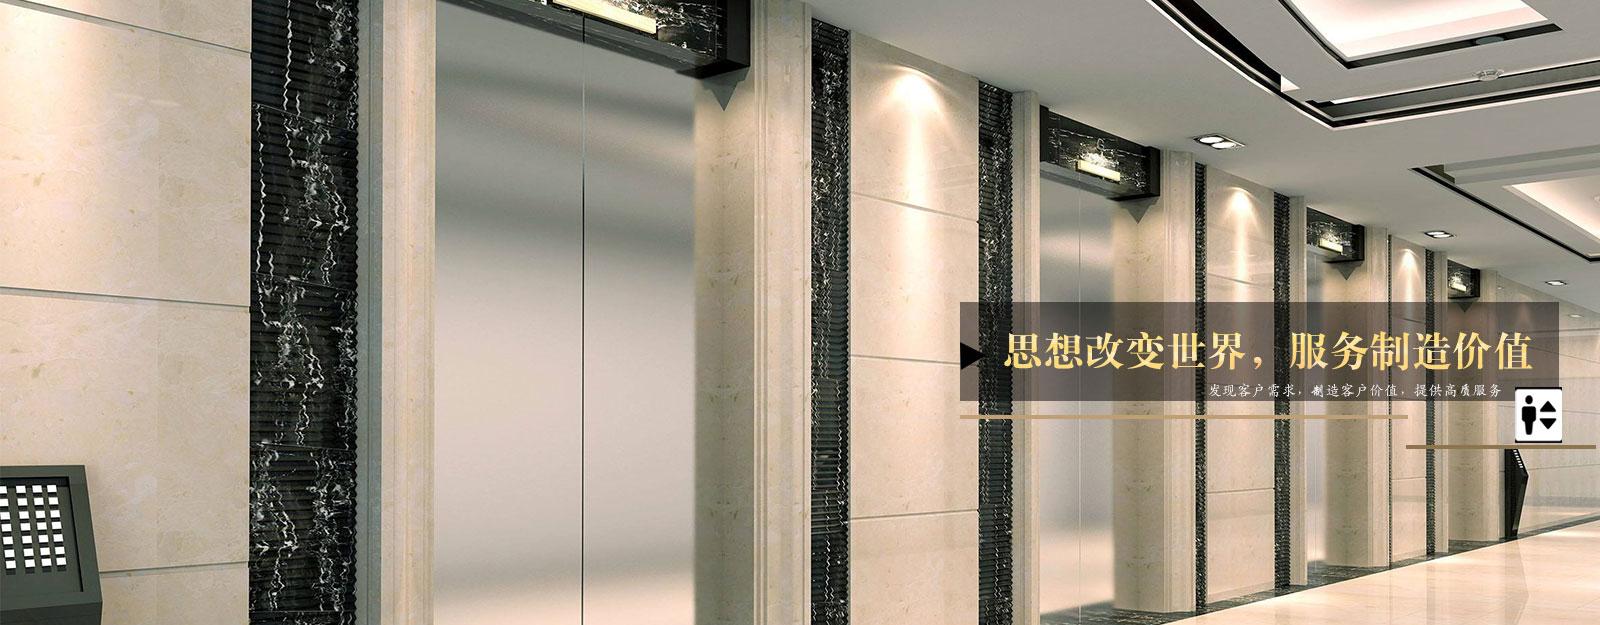 贵阳电梯公司